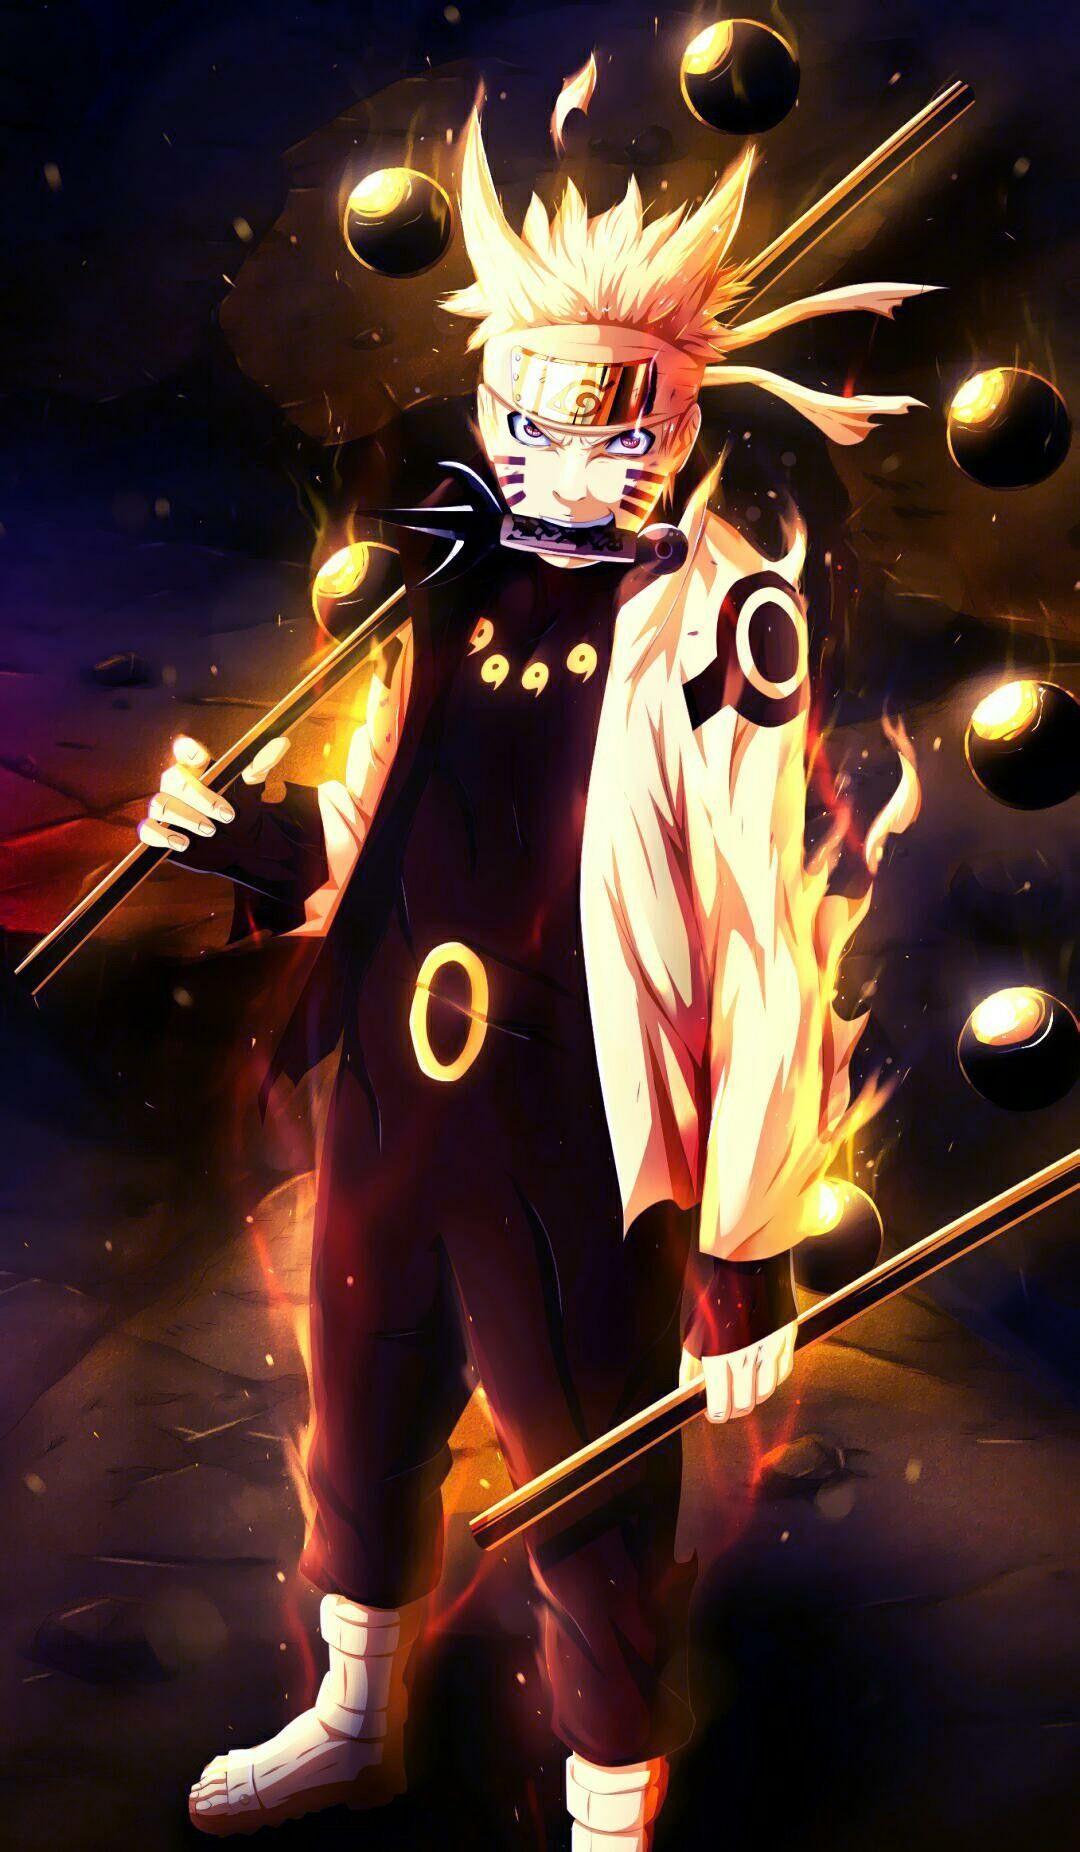 Naruto Naruto Wallpaper Iphone Naruto Sasuke Sakura Anime